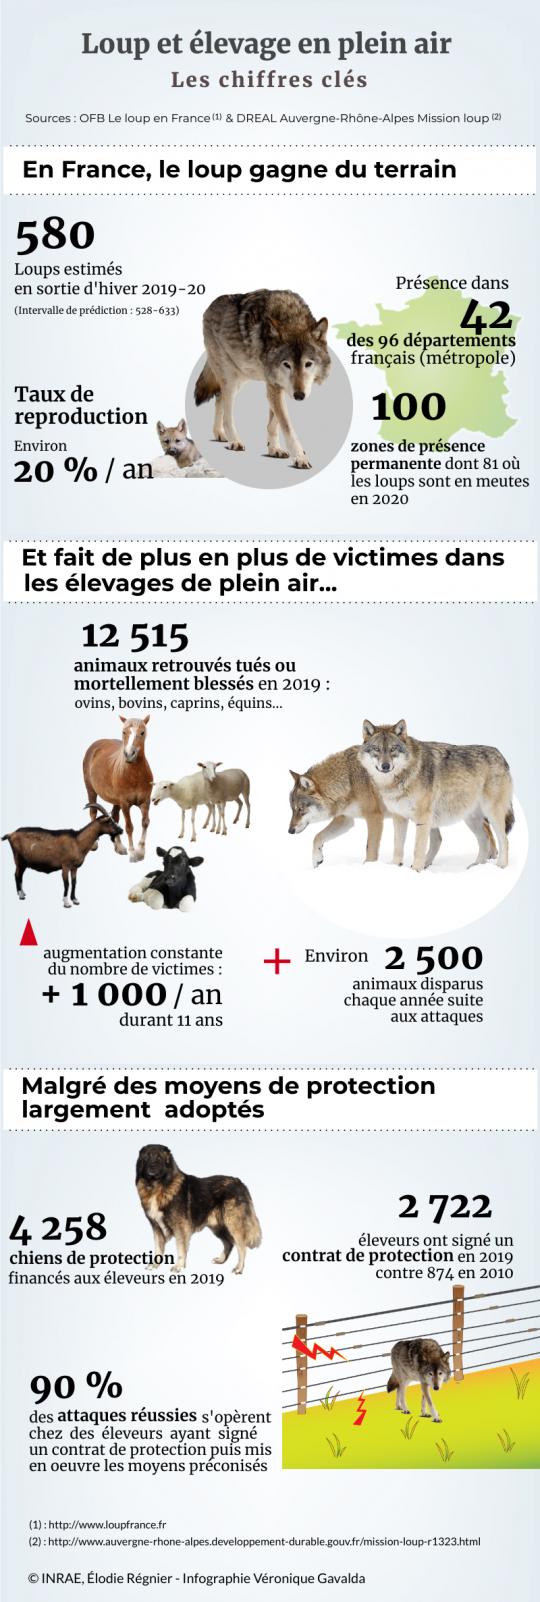 infographie montrant augmentation présence loup